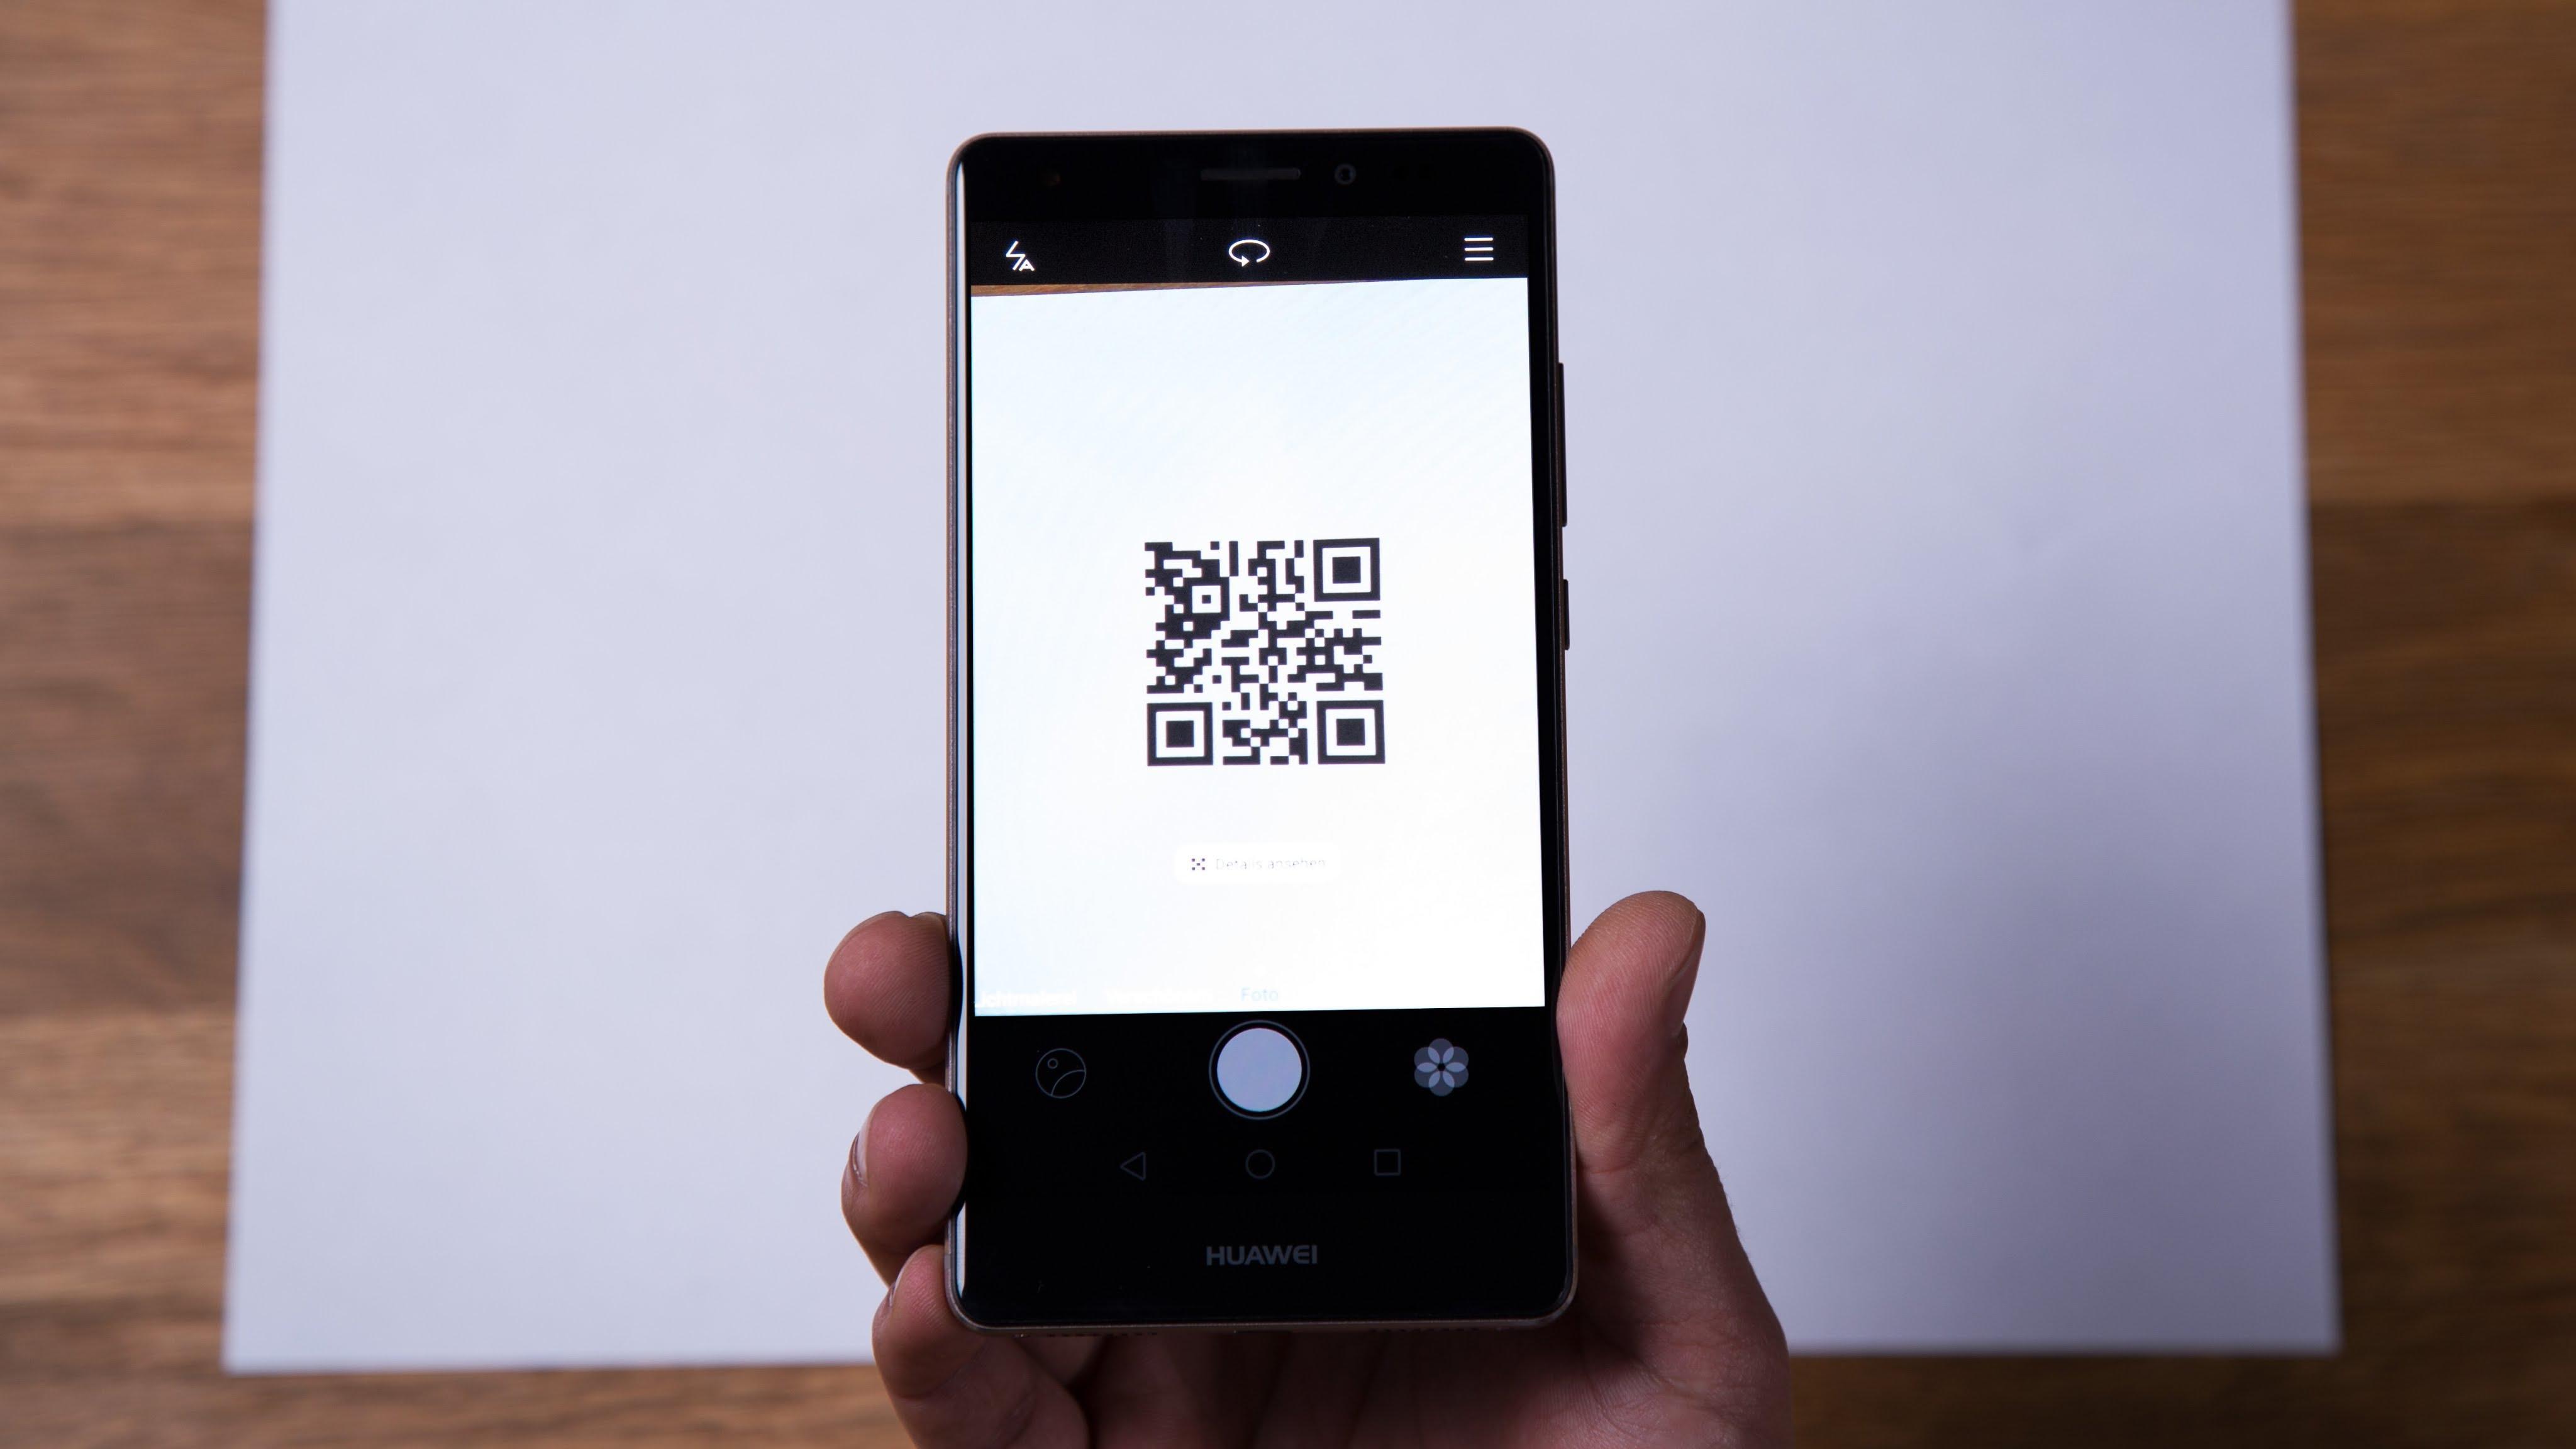 Топ 5 Android приложений для сканирования QR-кодов